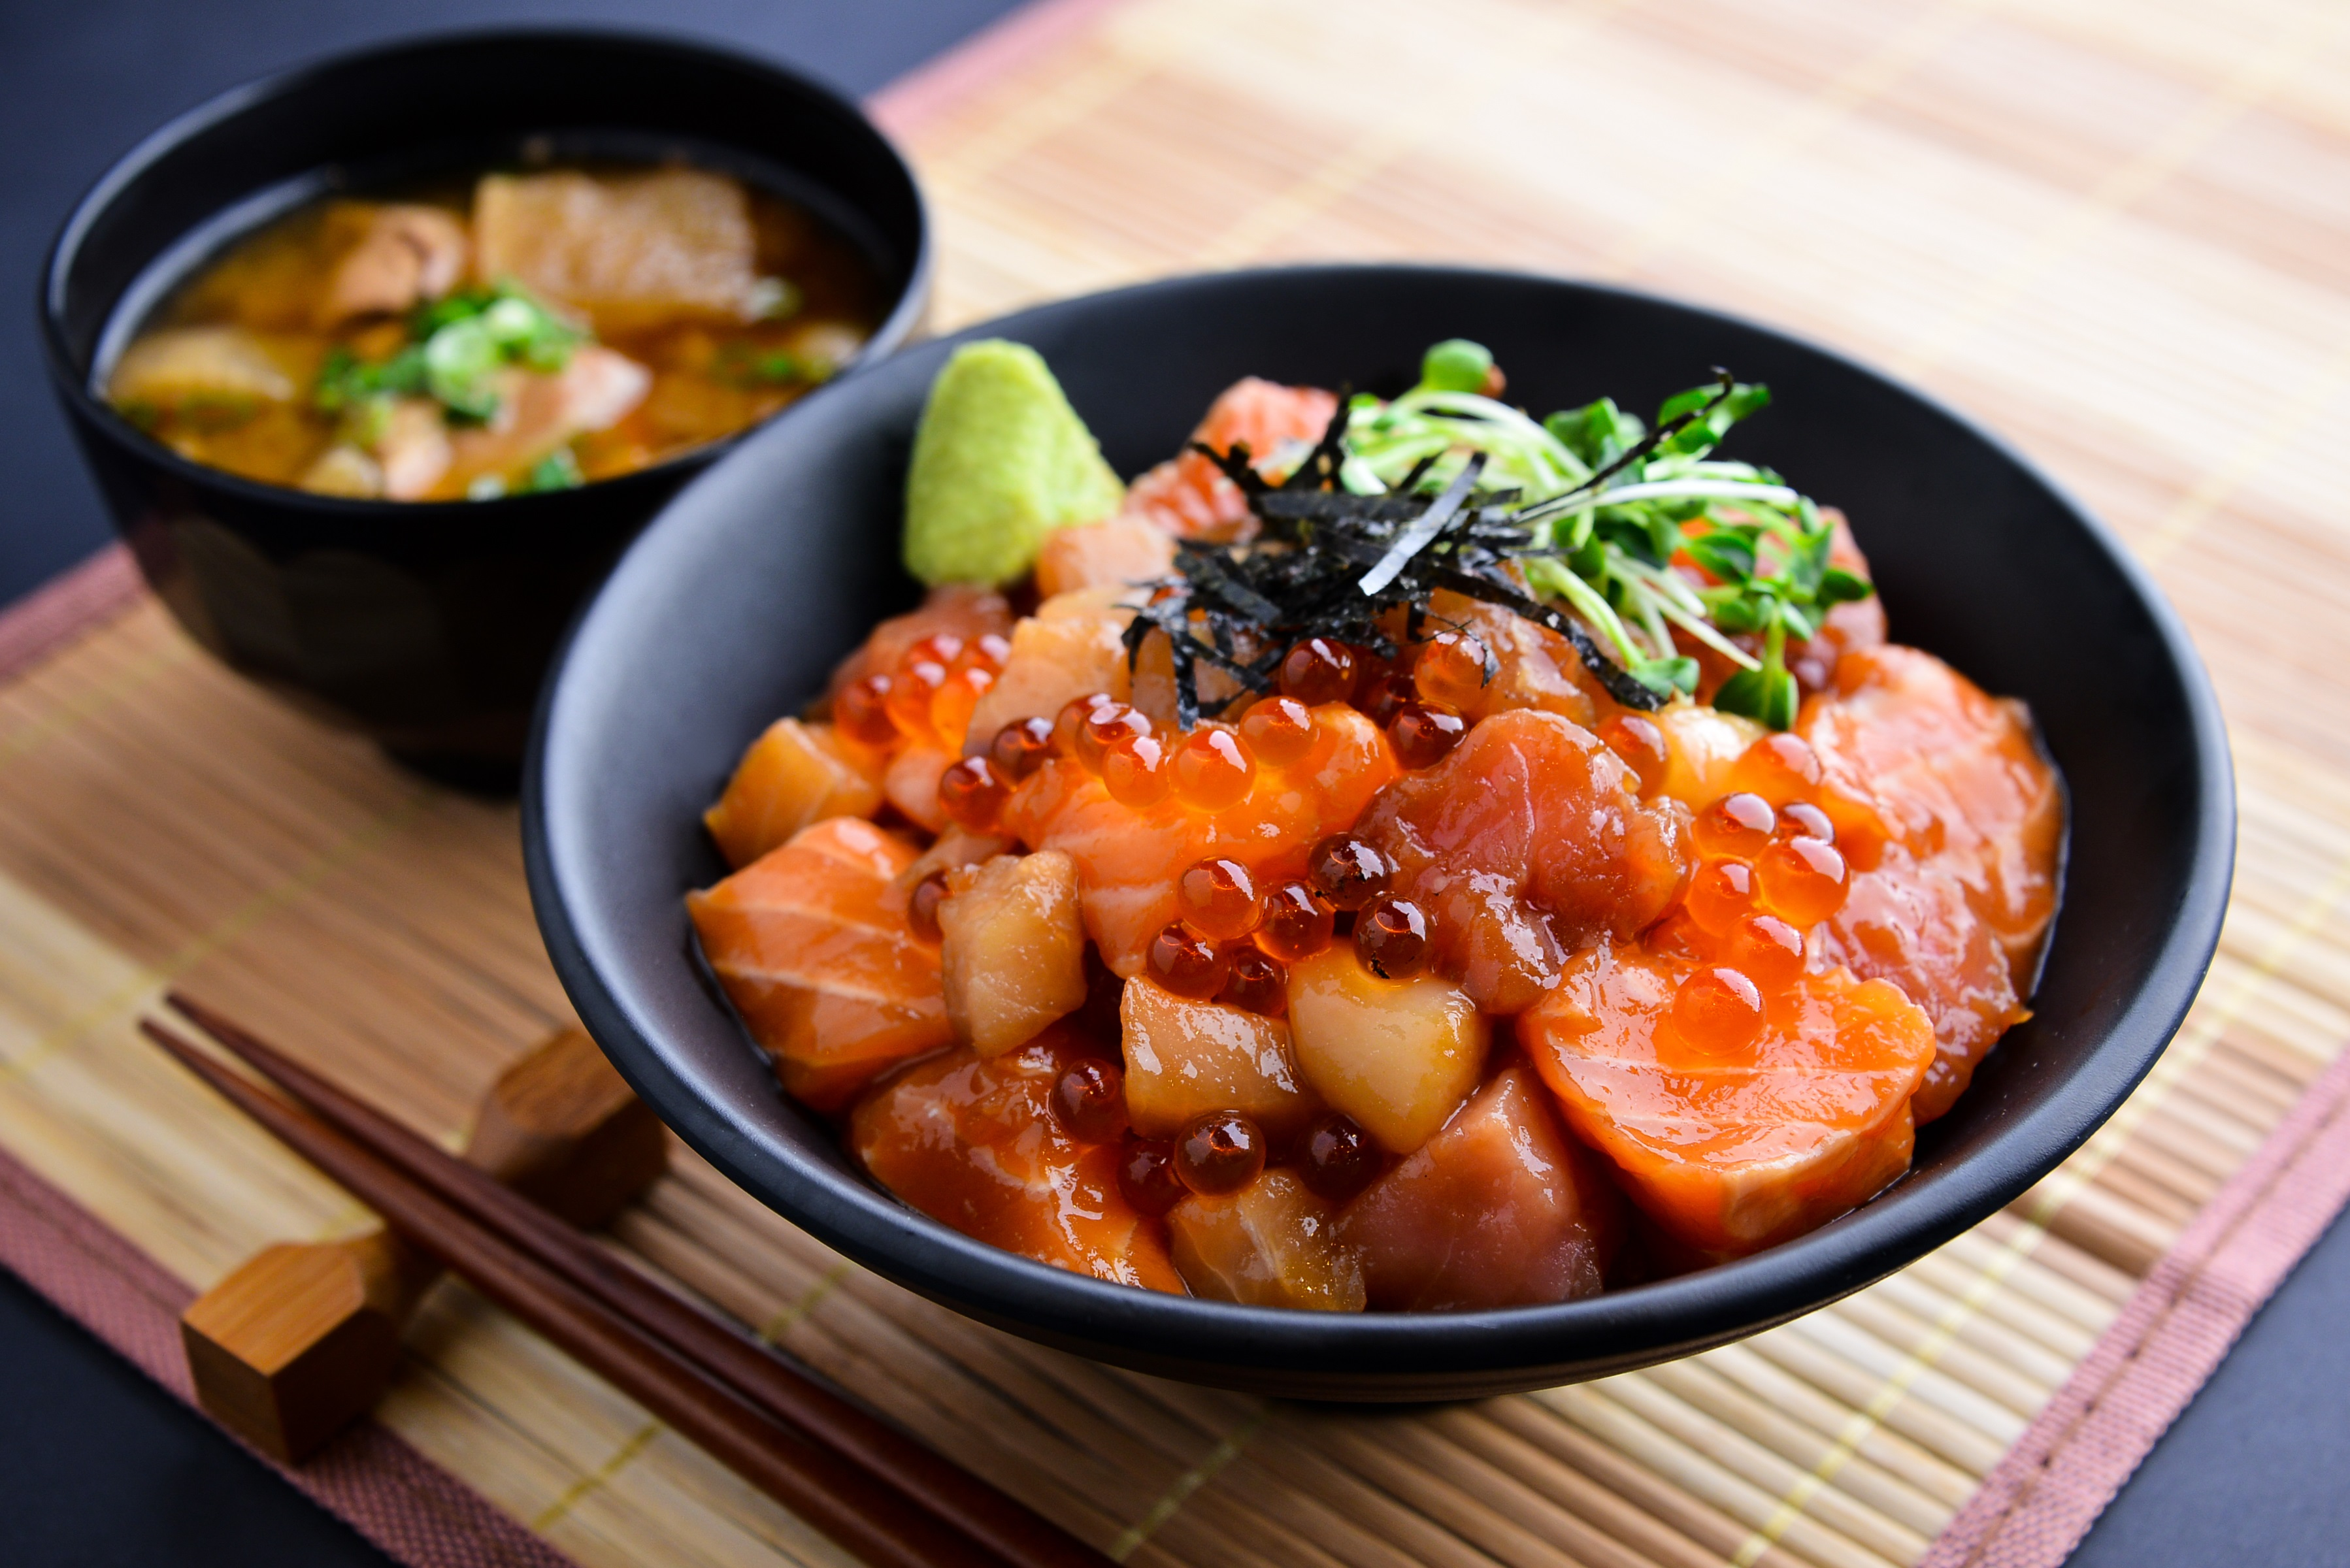 シンガポールにある和食お弁当店の店長候補。海外経験者の人材採用に成功!/株式会社YCP Retailing